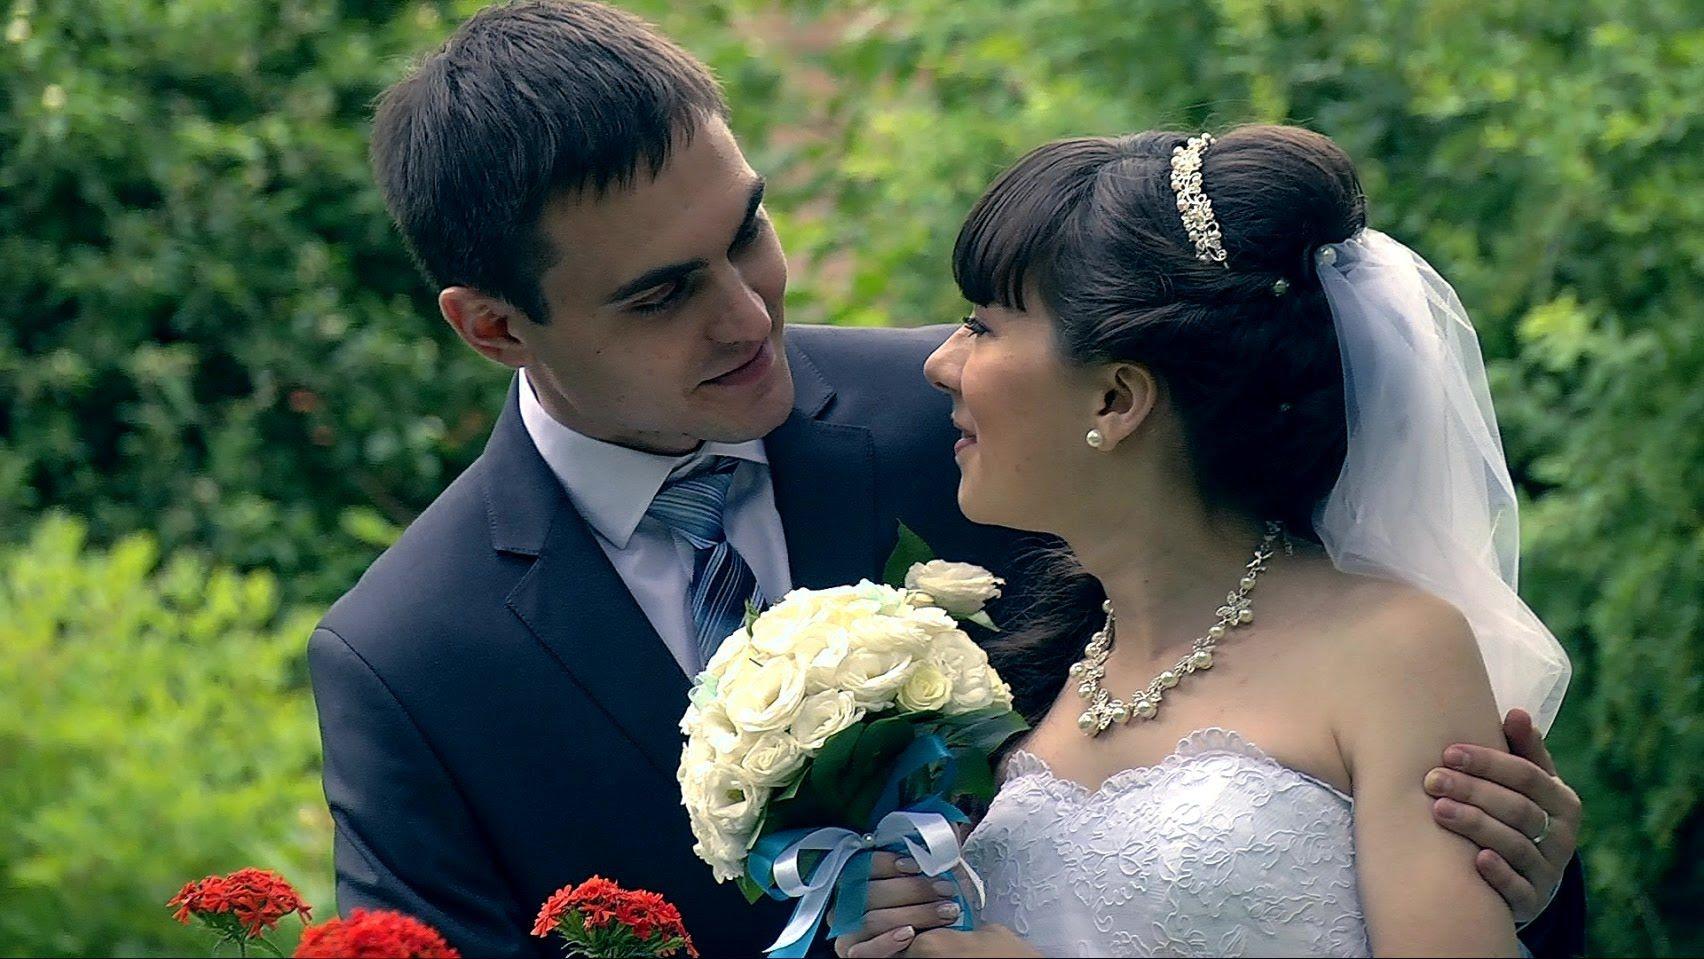 одного троса фото свадьбы в омске такой вот чудо-мобиль